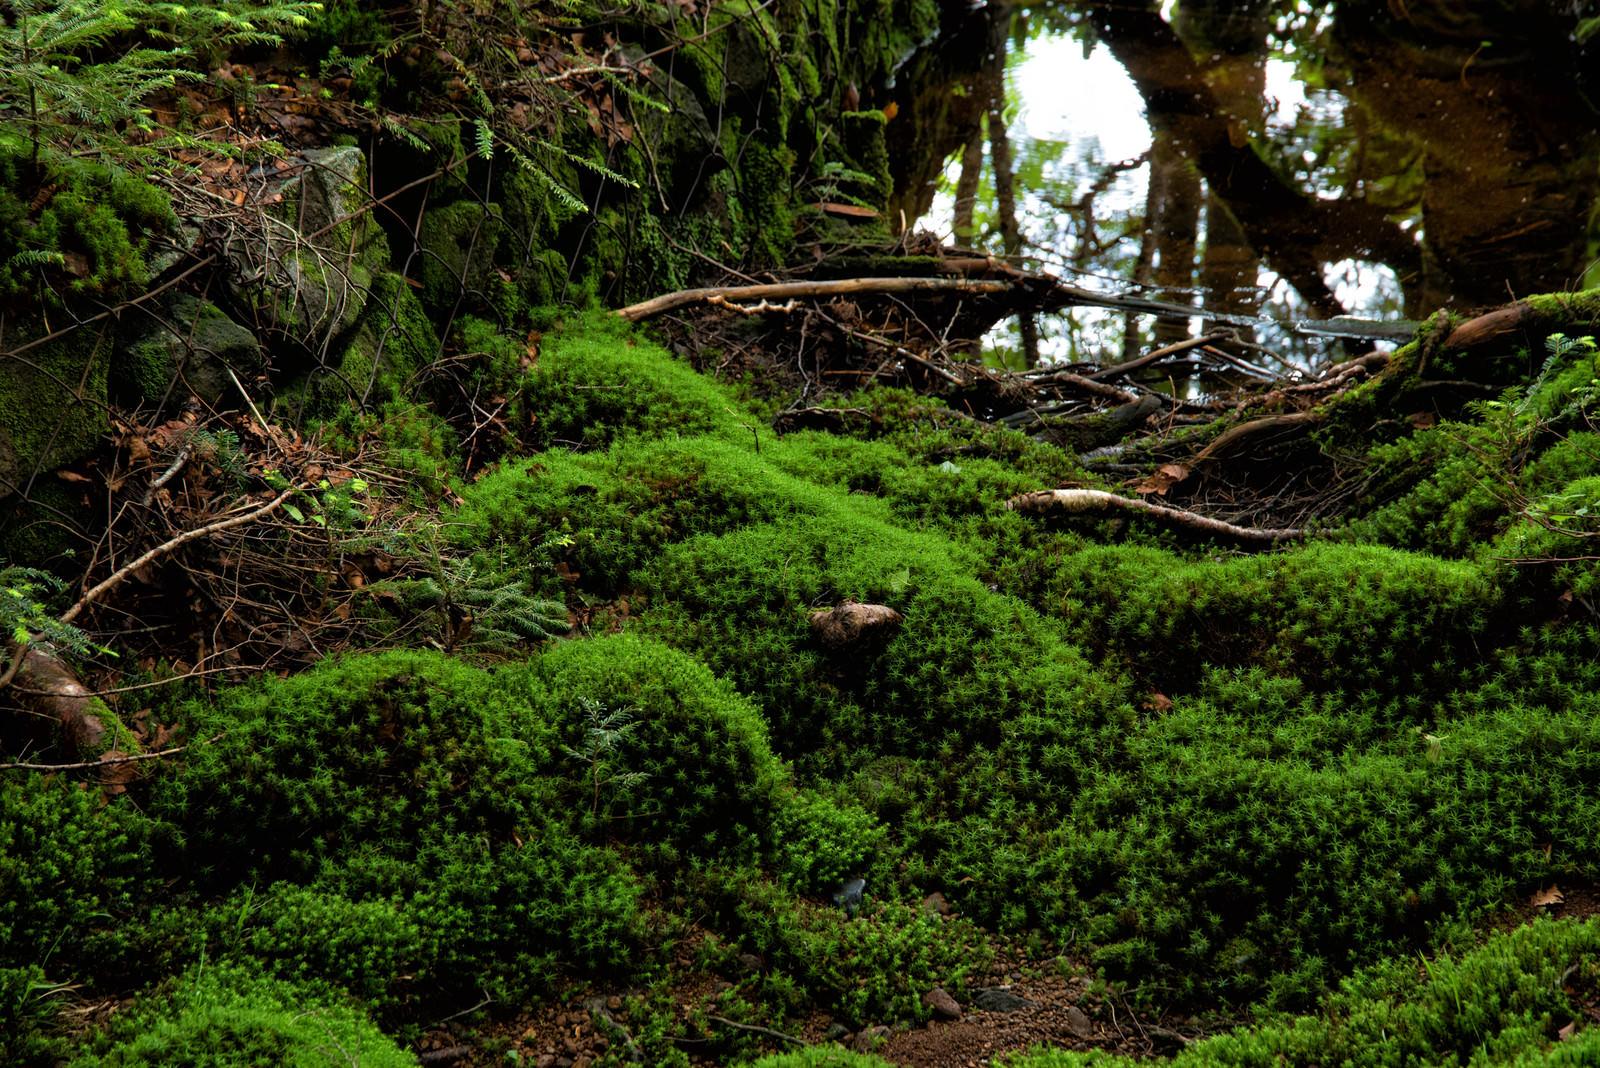 「水溜りの周りに繁殖する苔」の写真